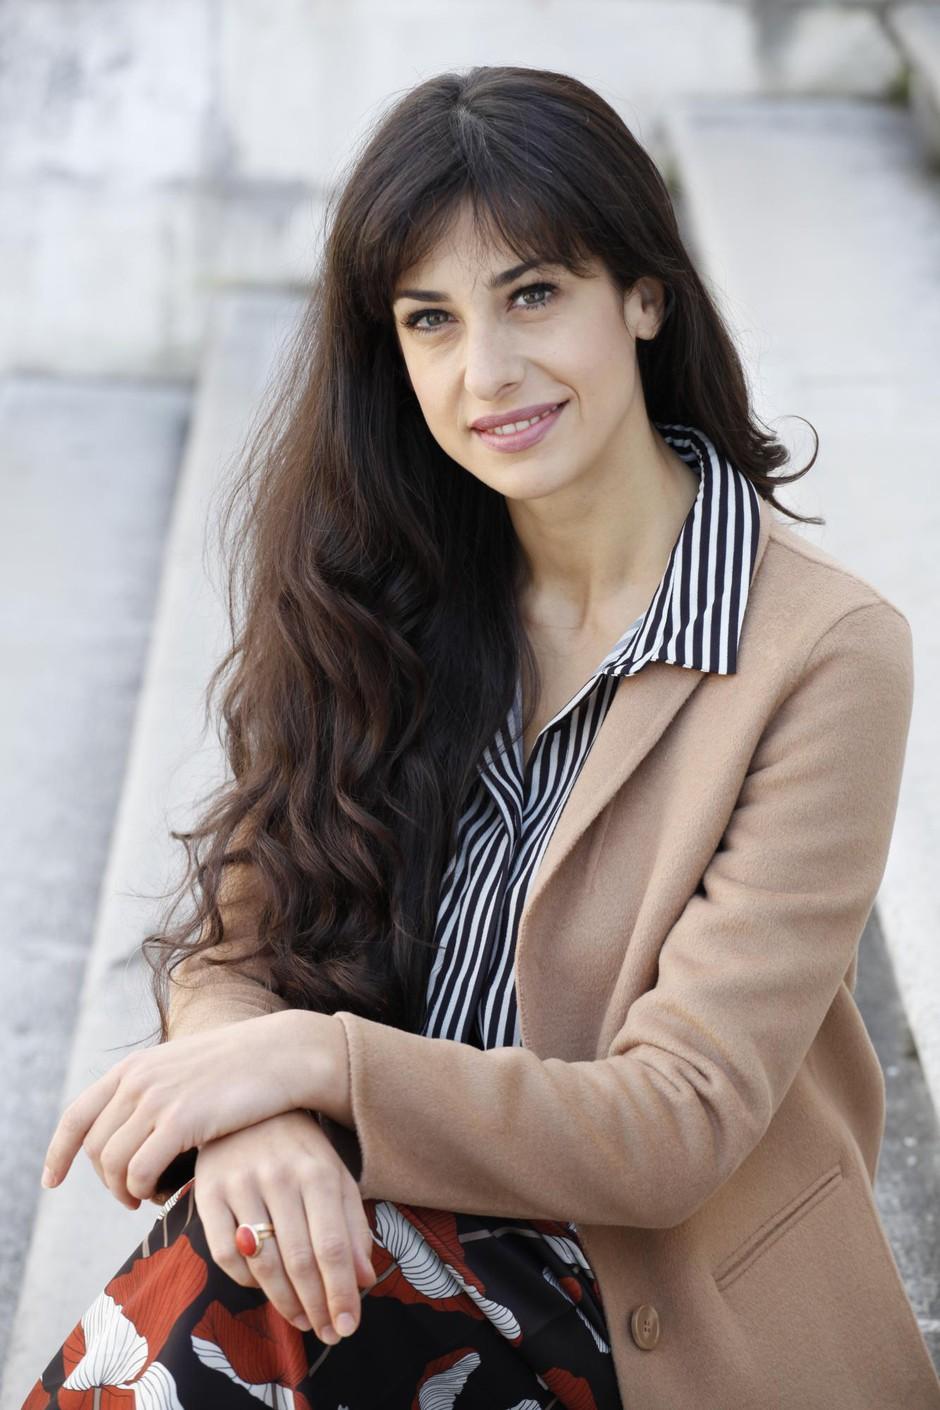 """Lara Komar (Reka ljubezni): """"Večina ljudi me pozna kot igralko, ampak sem tudi …"""" (foto: Aleksandra Sasa Prelesnik)"""